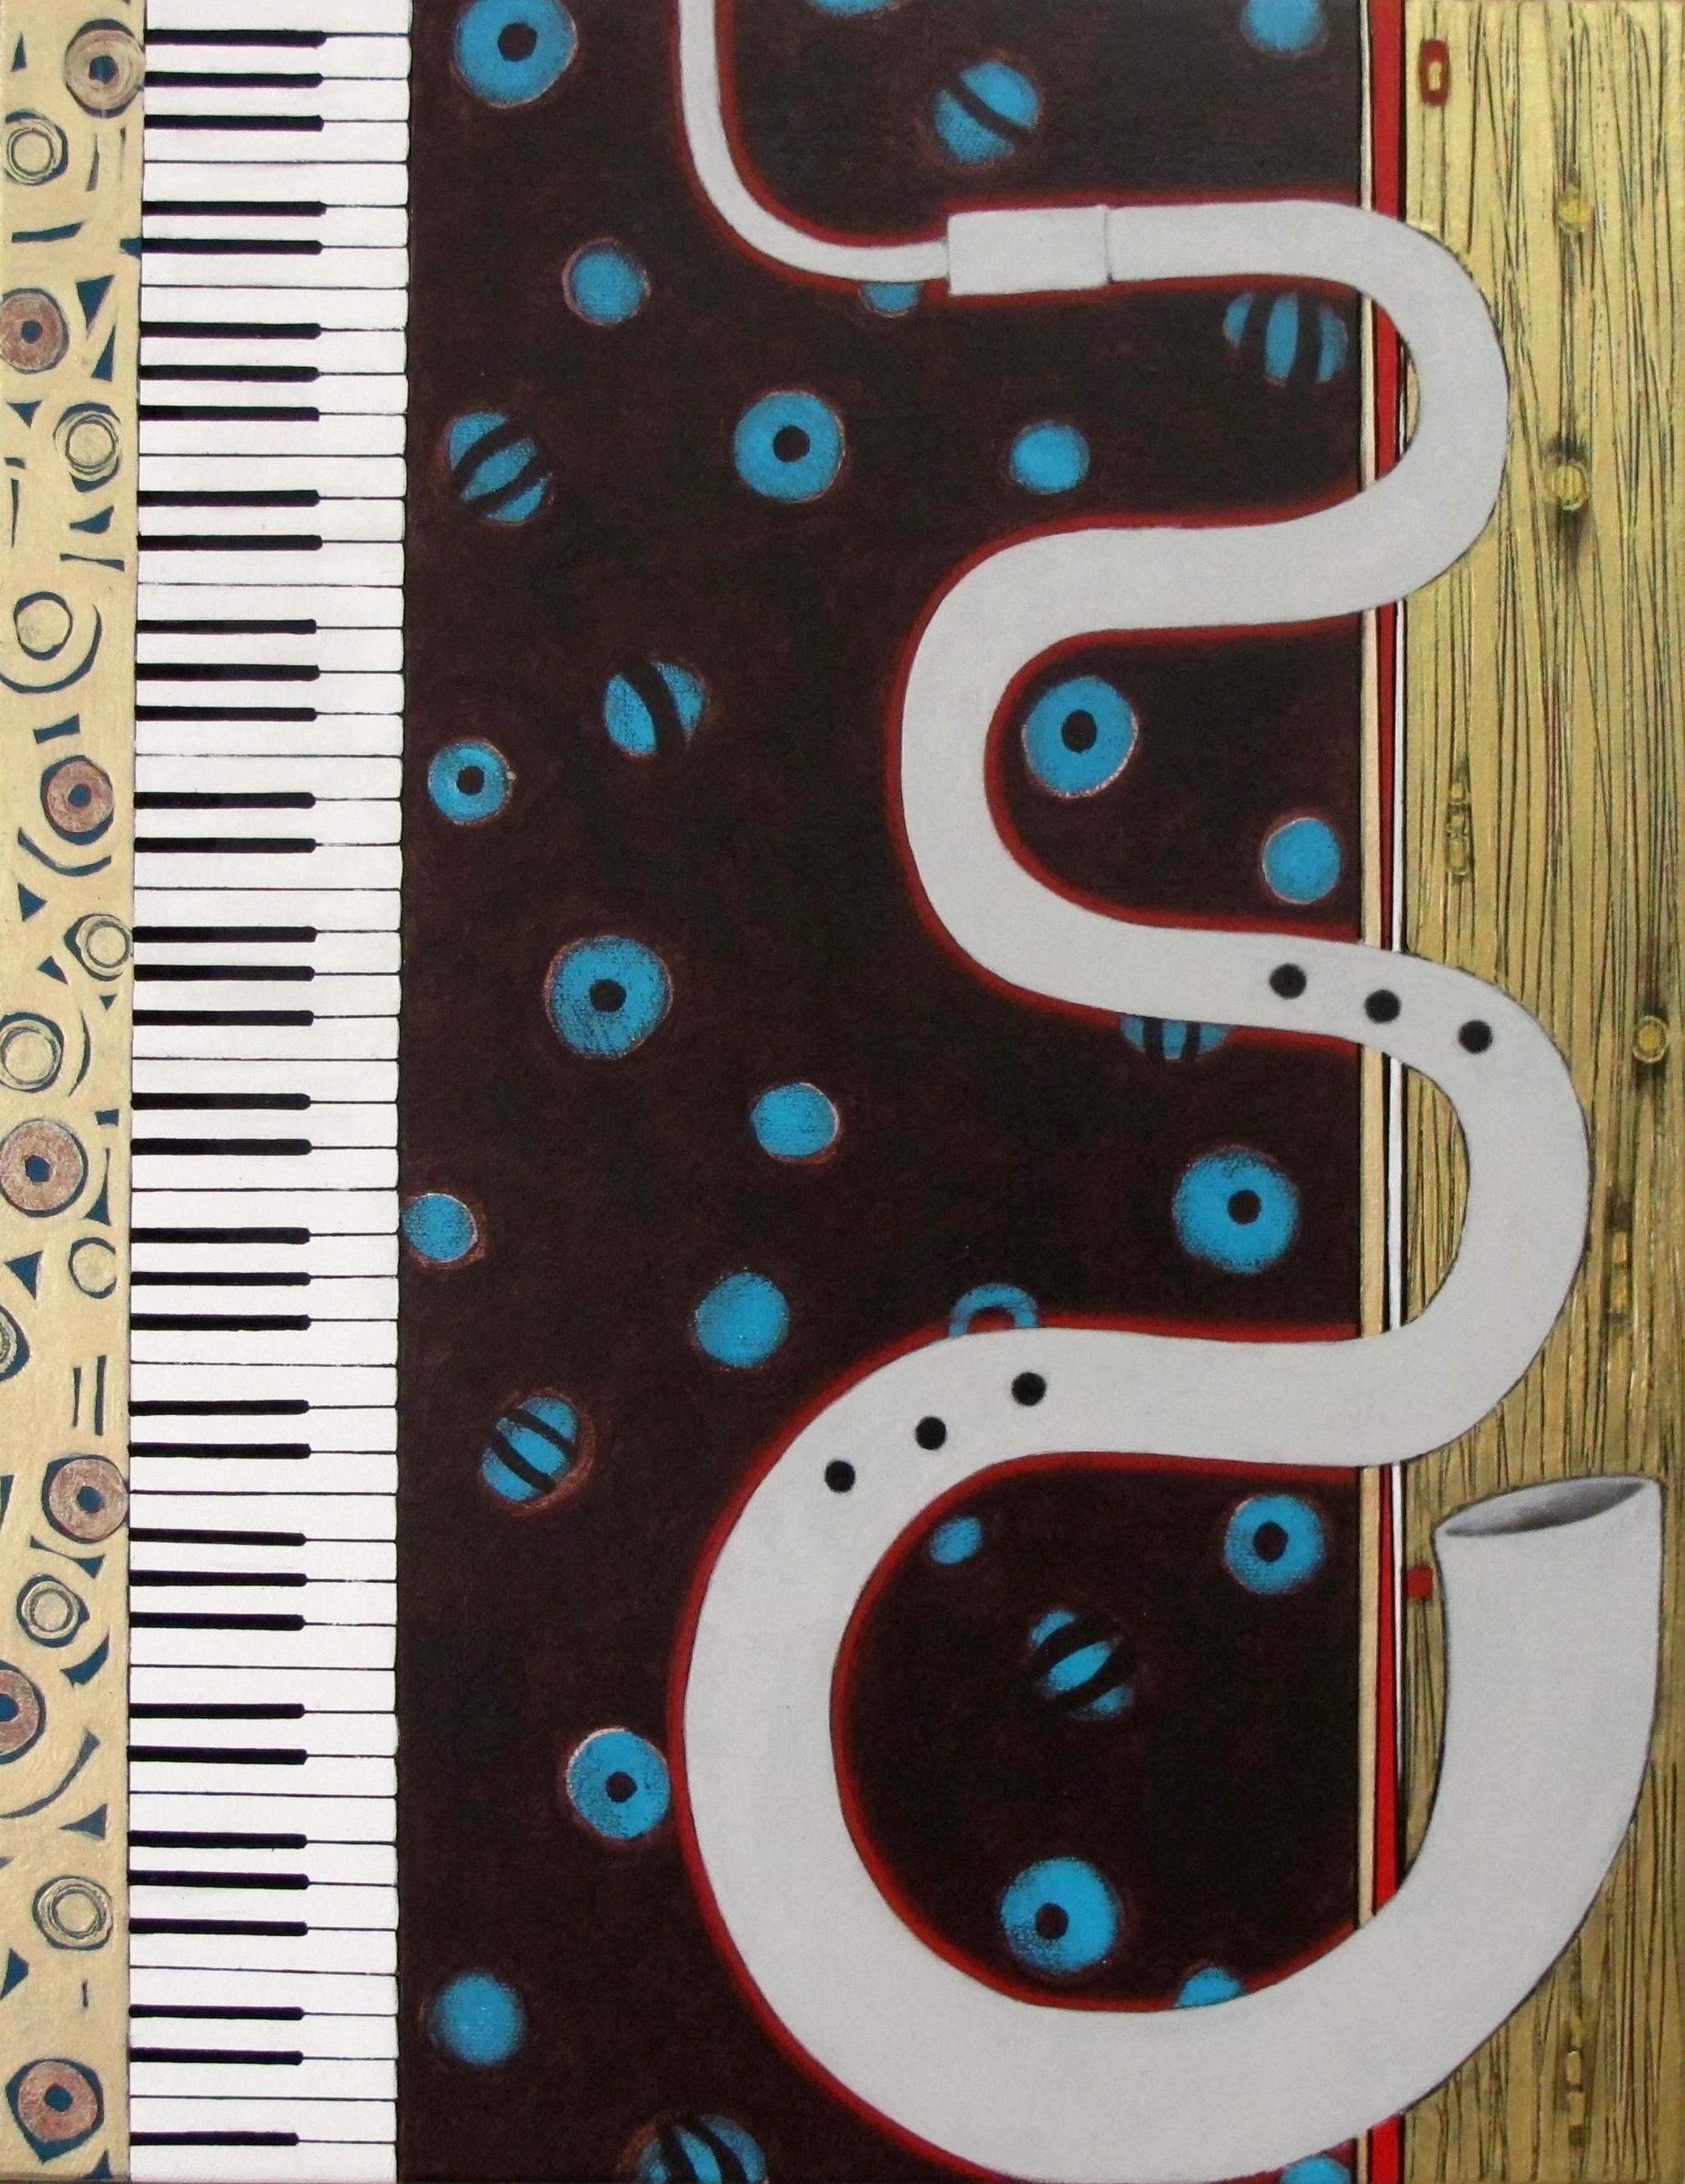 Série: A música e seus instrumentos